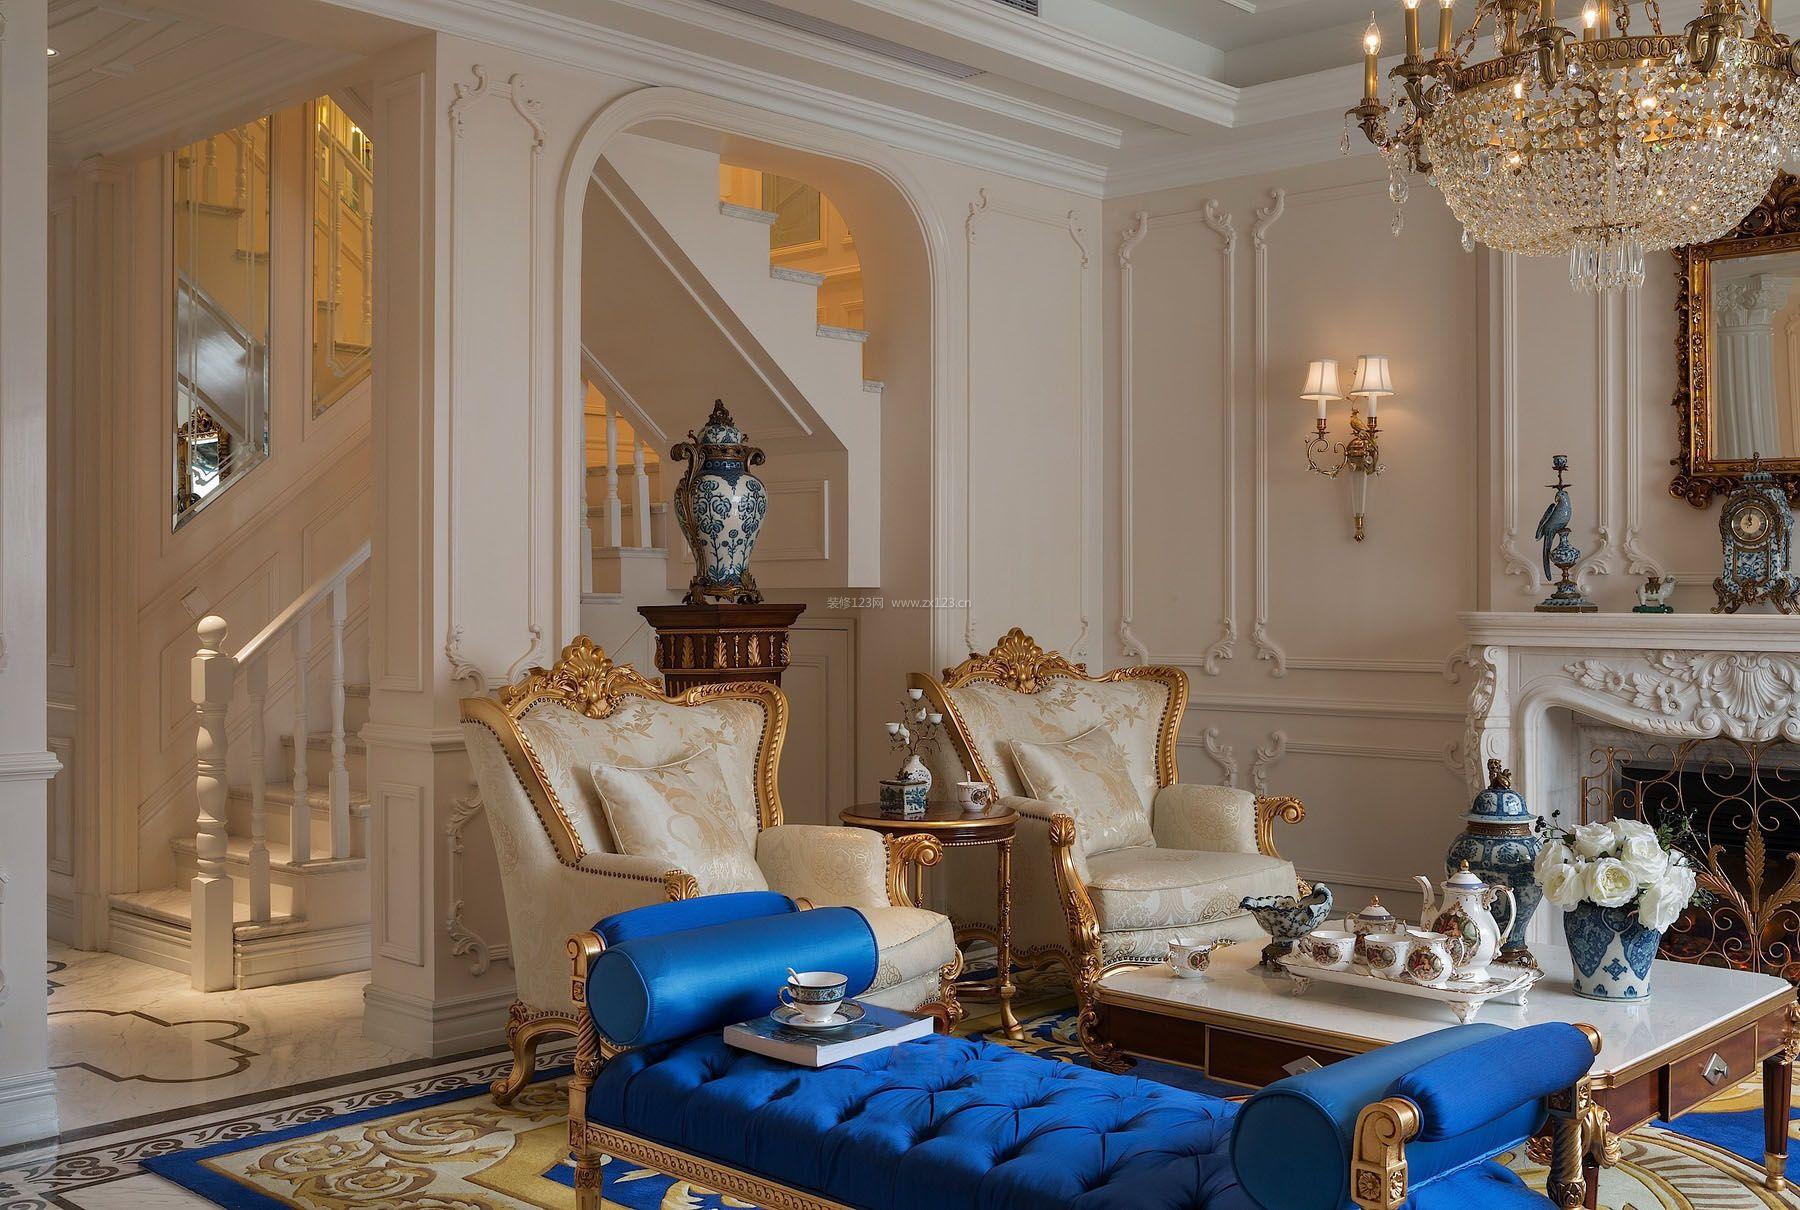 法式跃层别墅楼梯装修效果图图片